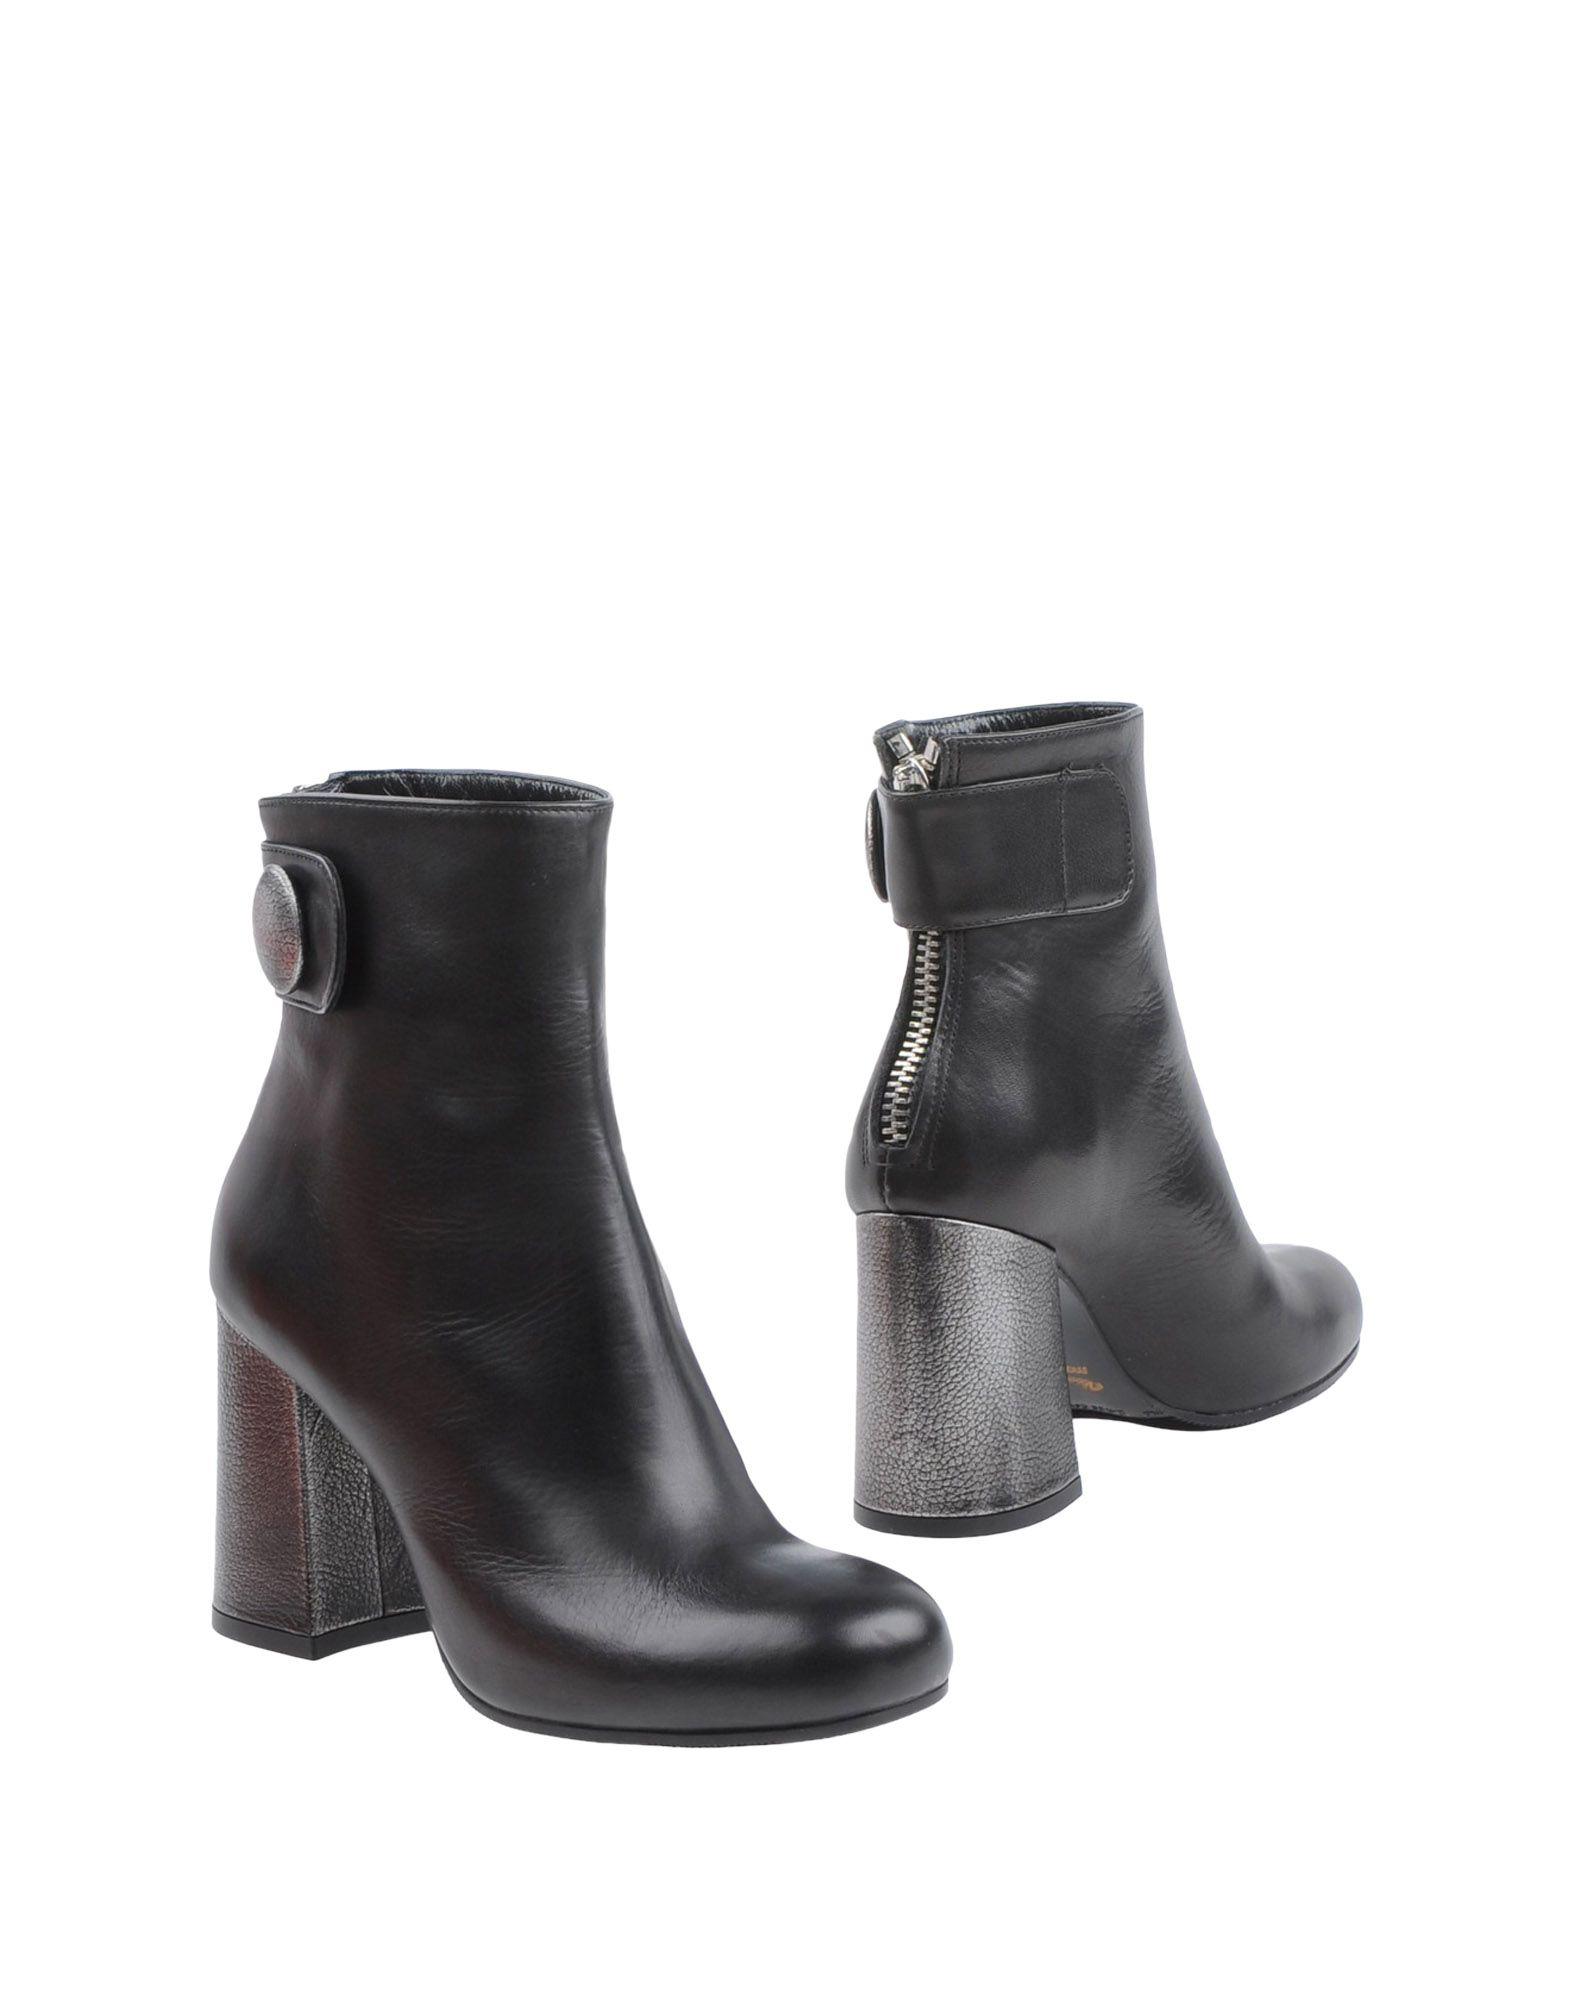 Mivida Stiefelette Damen  11296486UF Gute Qualität beliebte Schuhe